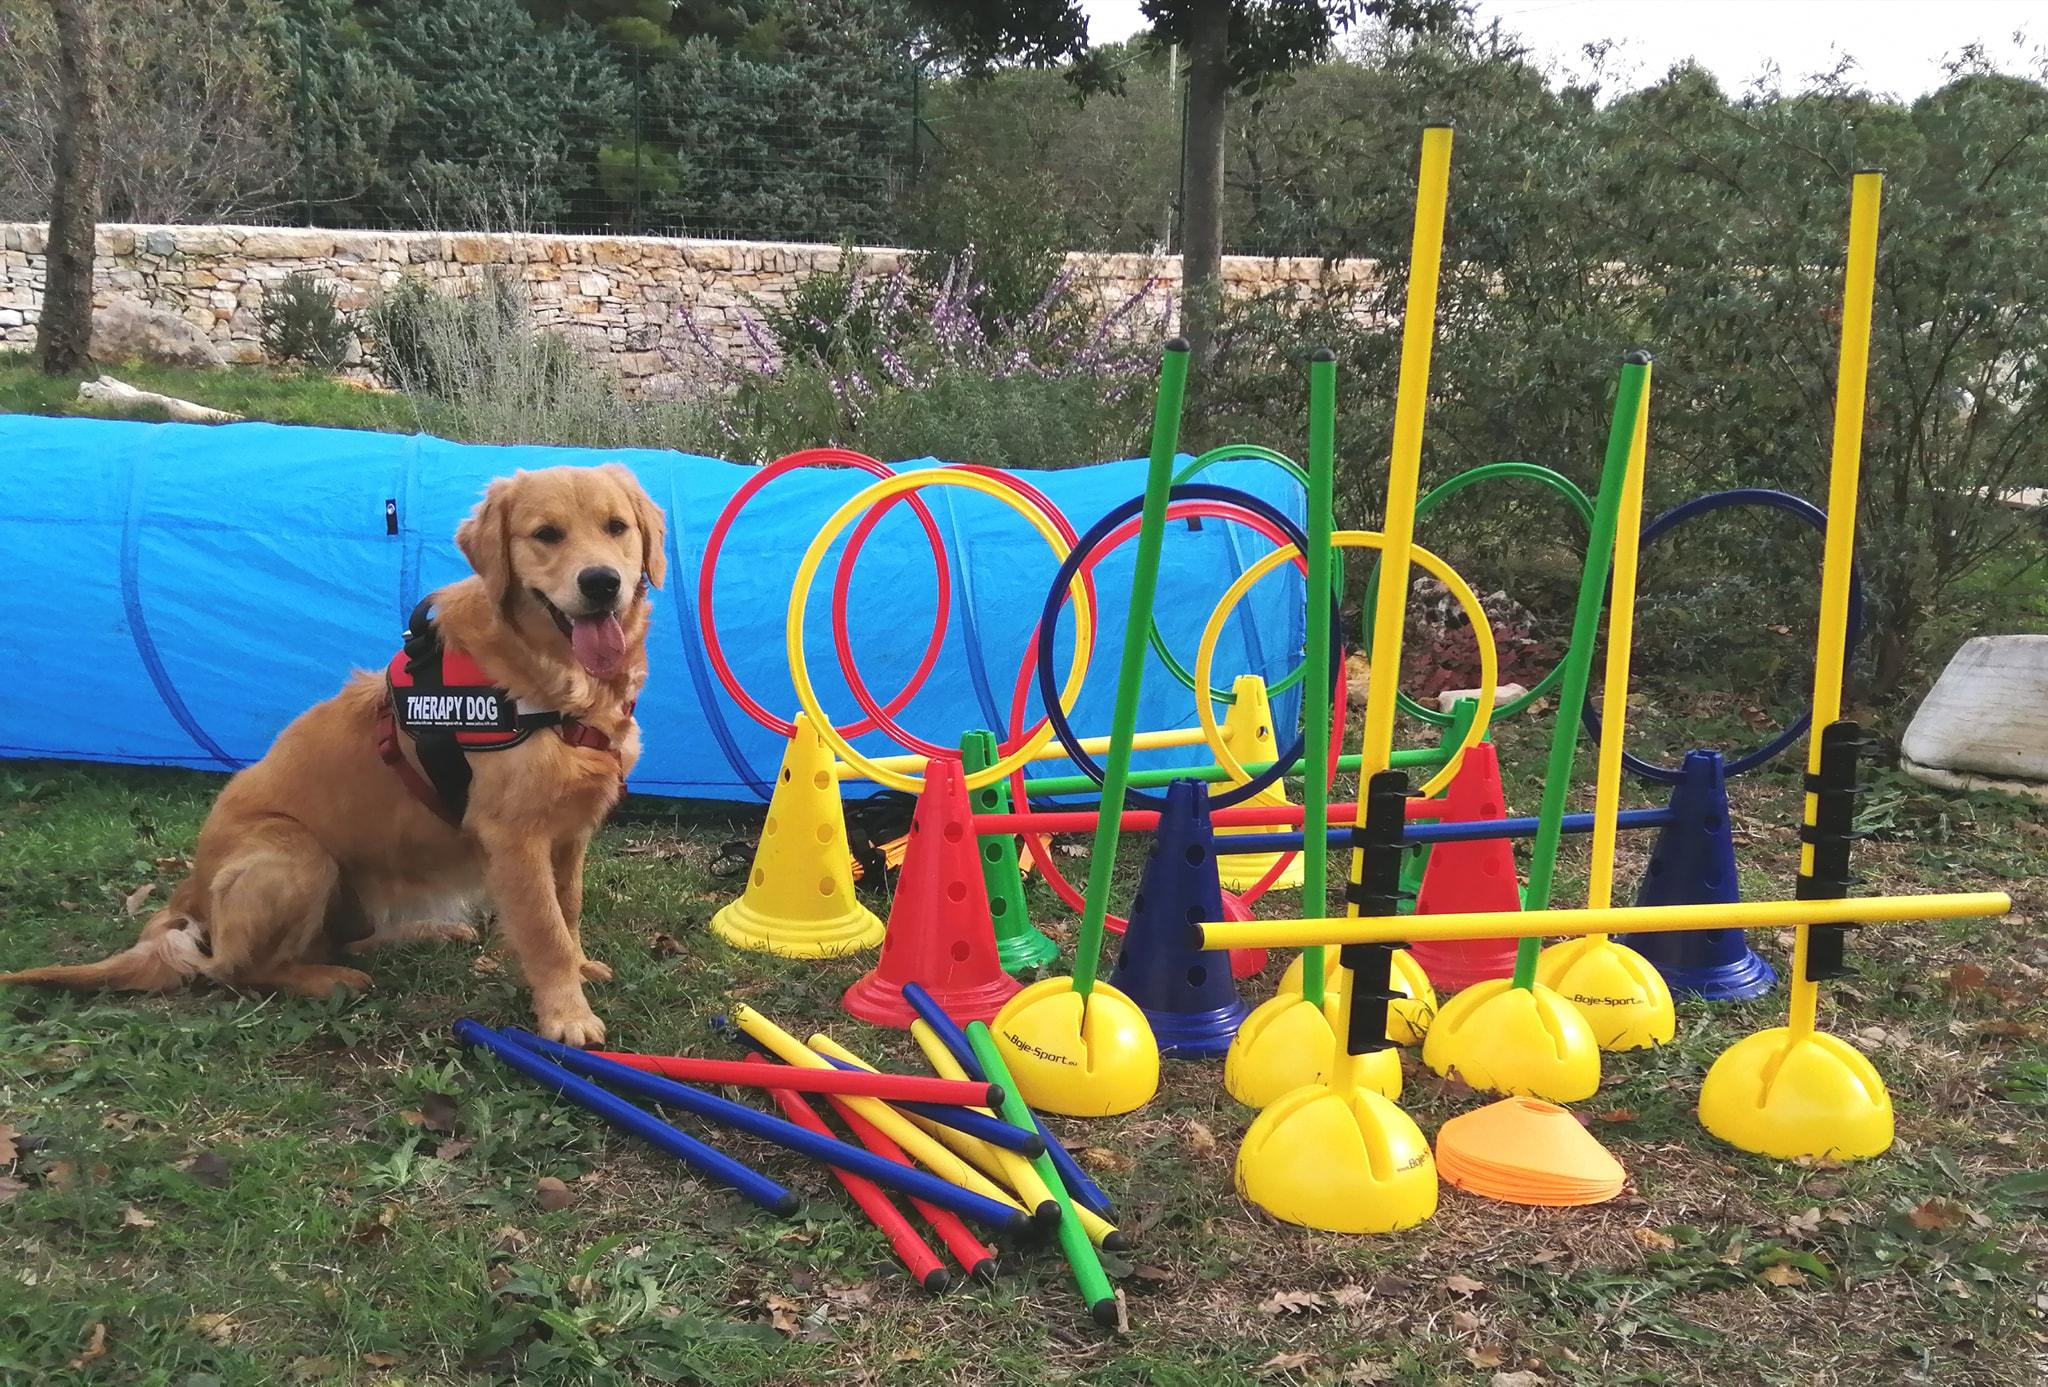 animali bambini fanel coppola interventi assistiti animali Loving dogs Macaranga bosco murgia natura puglia Ruvo di Puglia